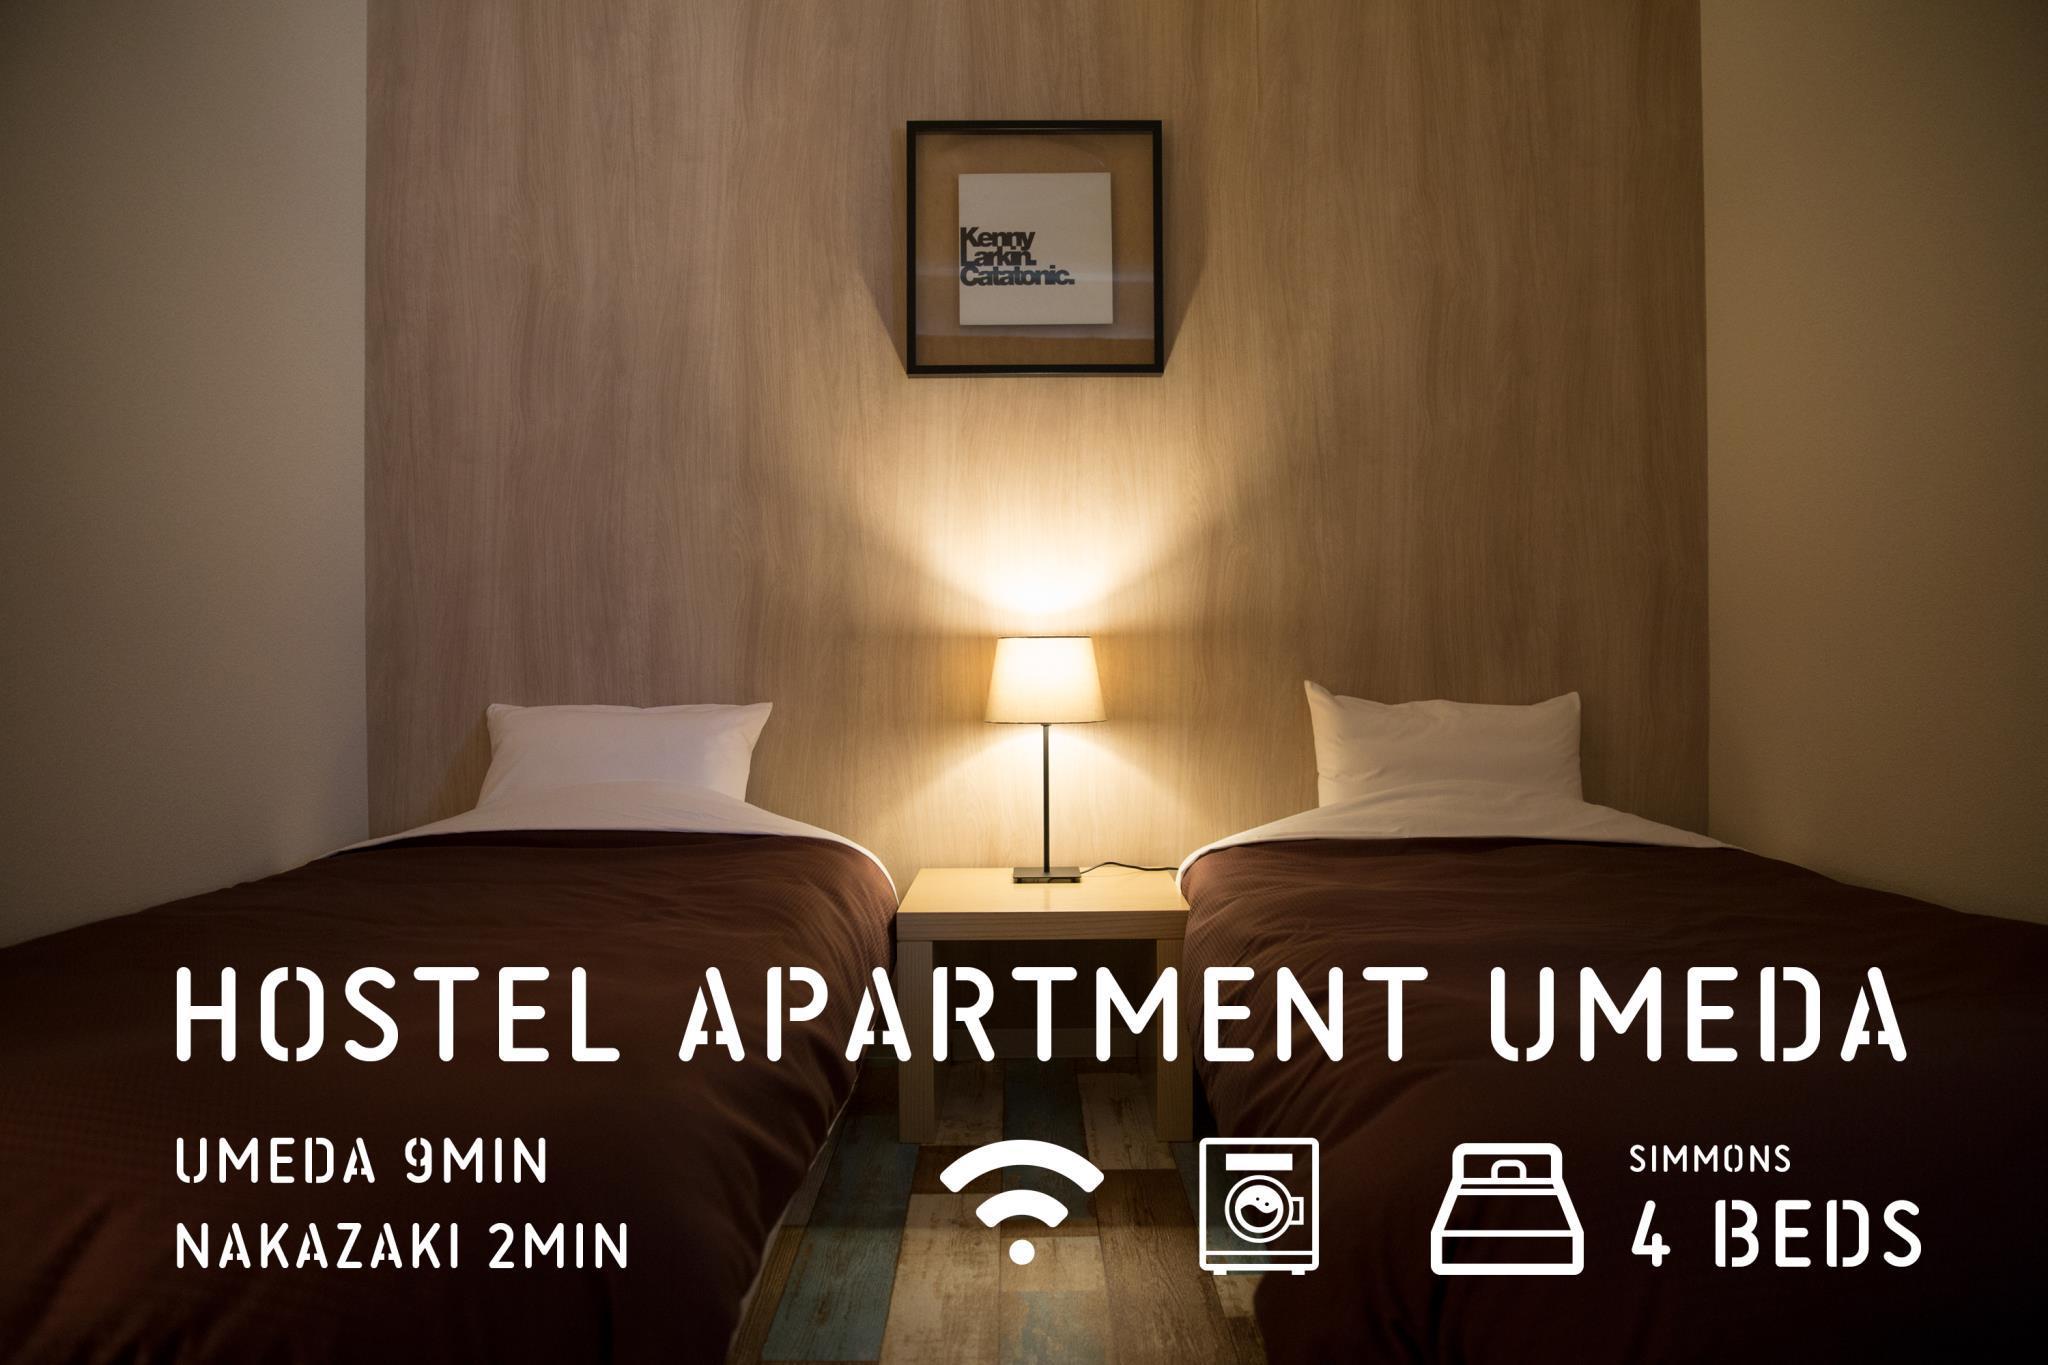 Hostel Apartment Umeda